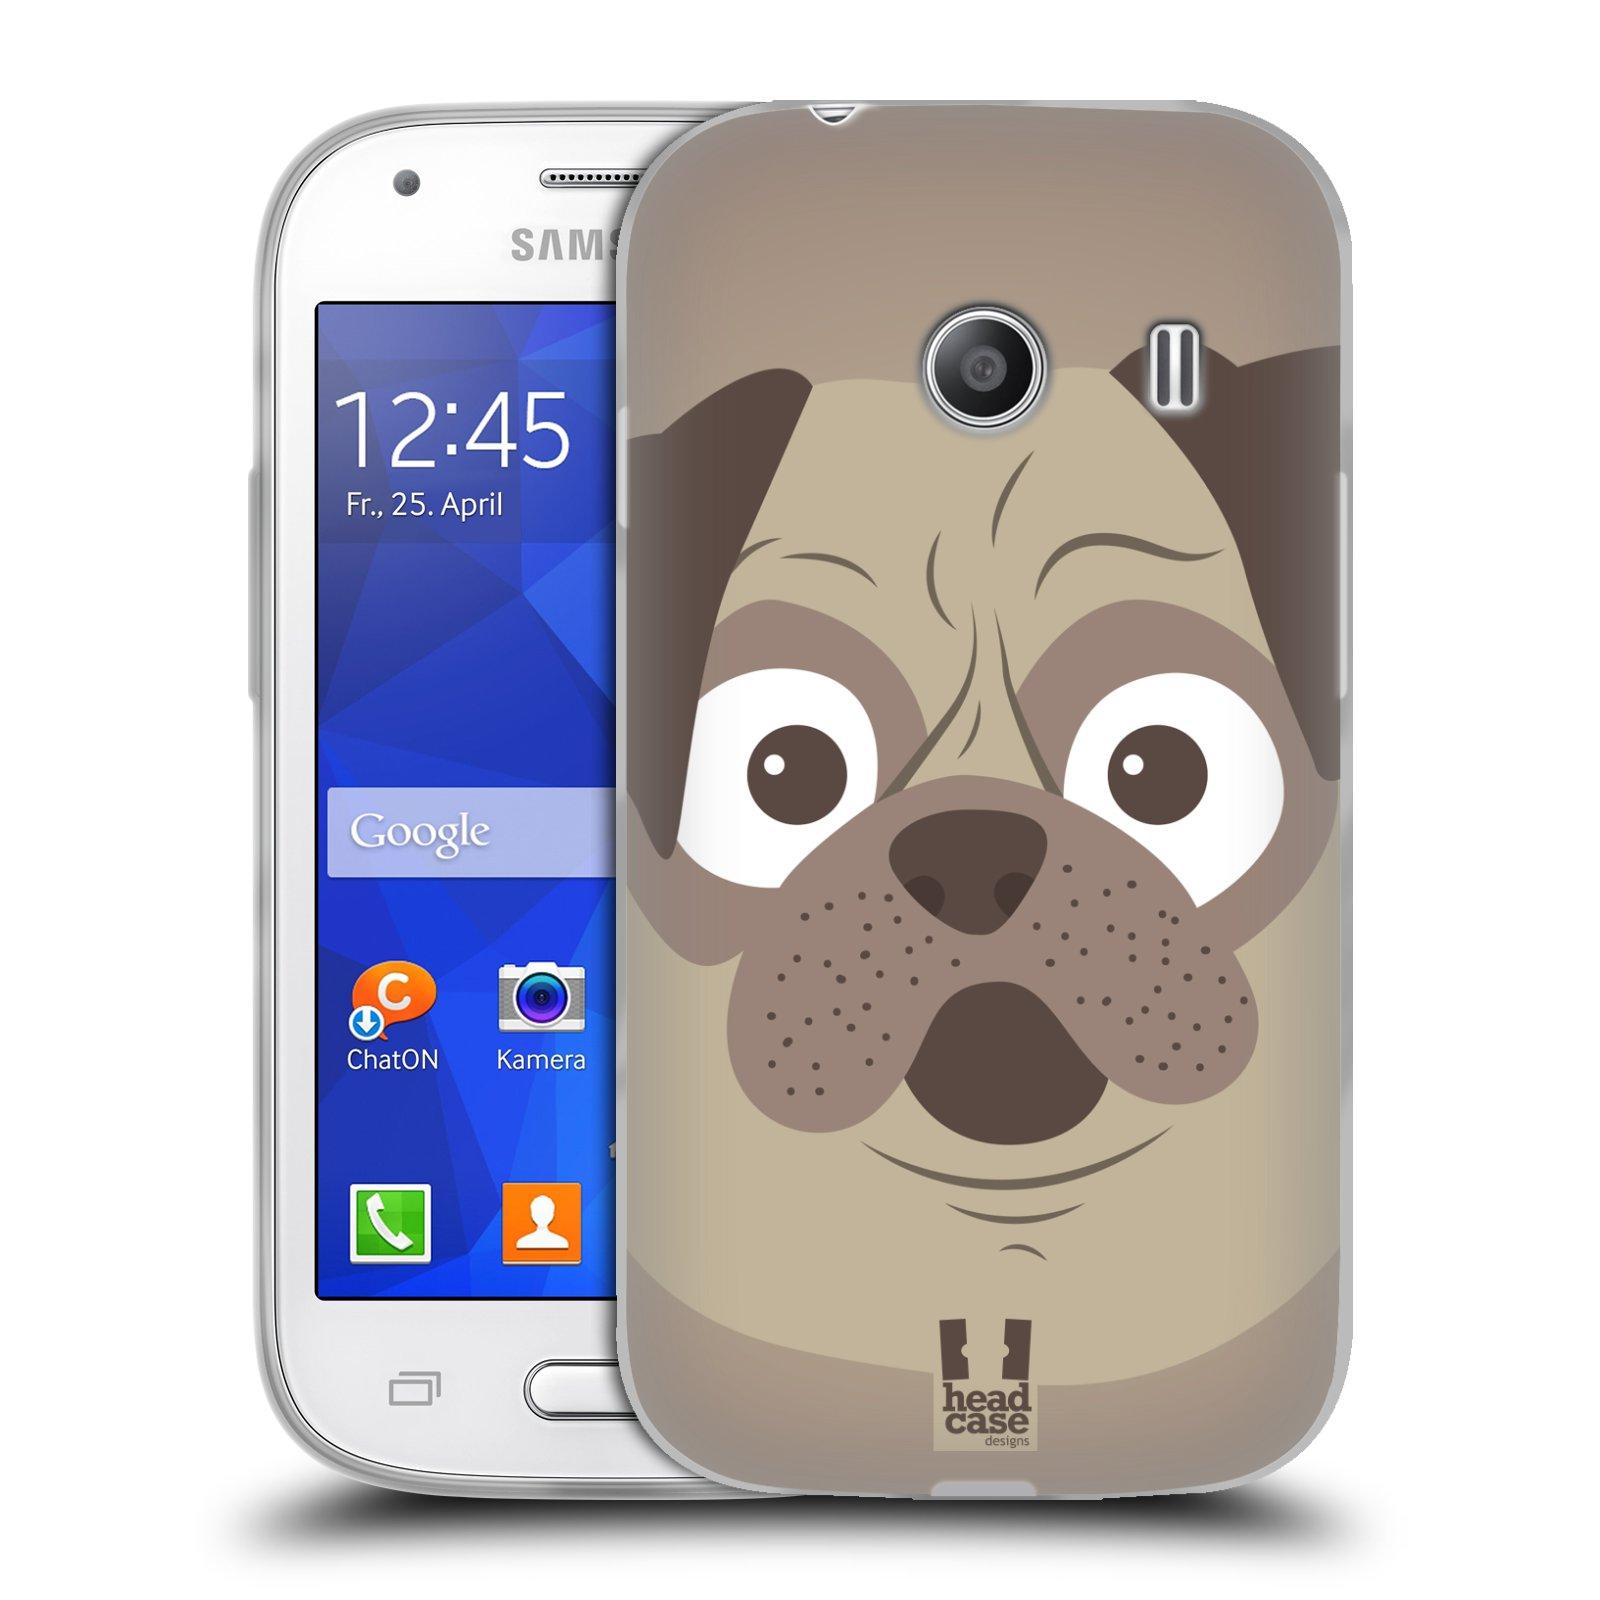 HEAD CASE silikonový obal na mobil Samsung Galaxy Ace Style (G310) vzor Cartoon Karikatura barevná kreslená zvířátka pes mopsík